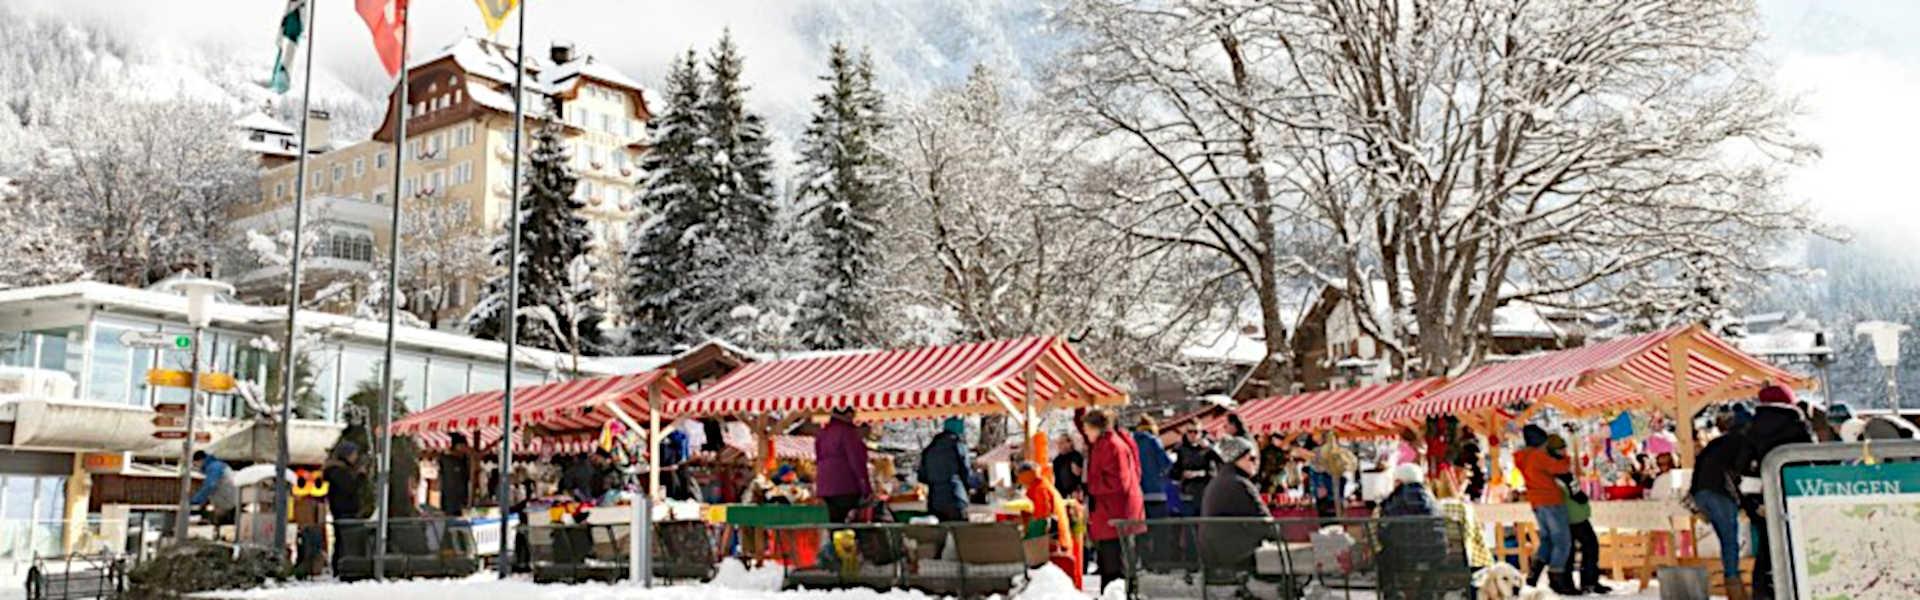 Wengen Advent Market